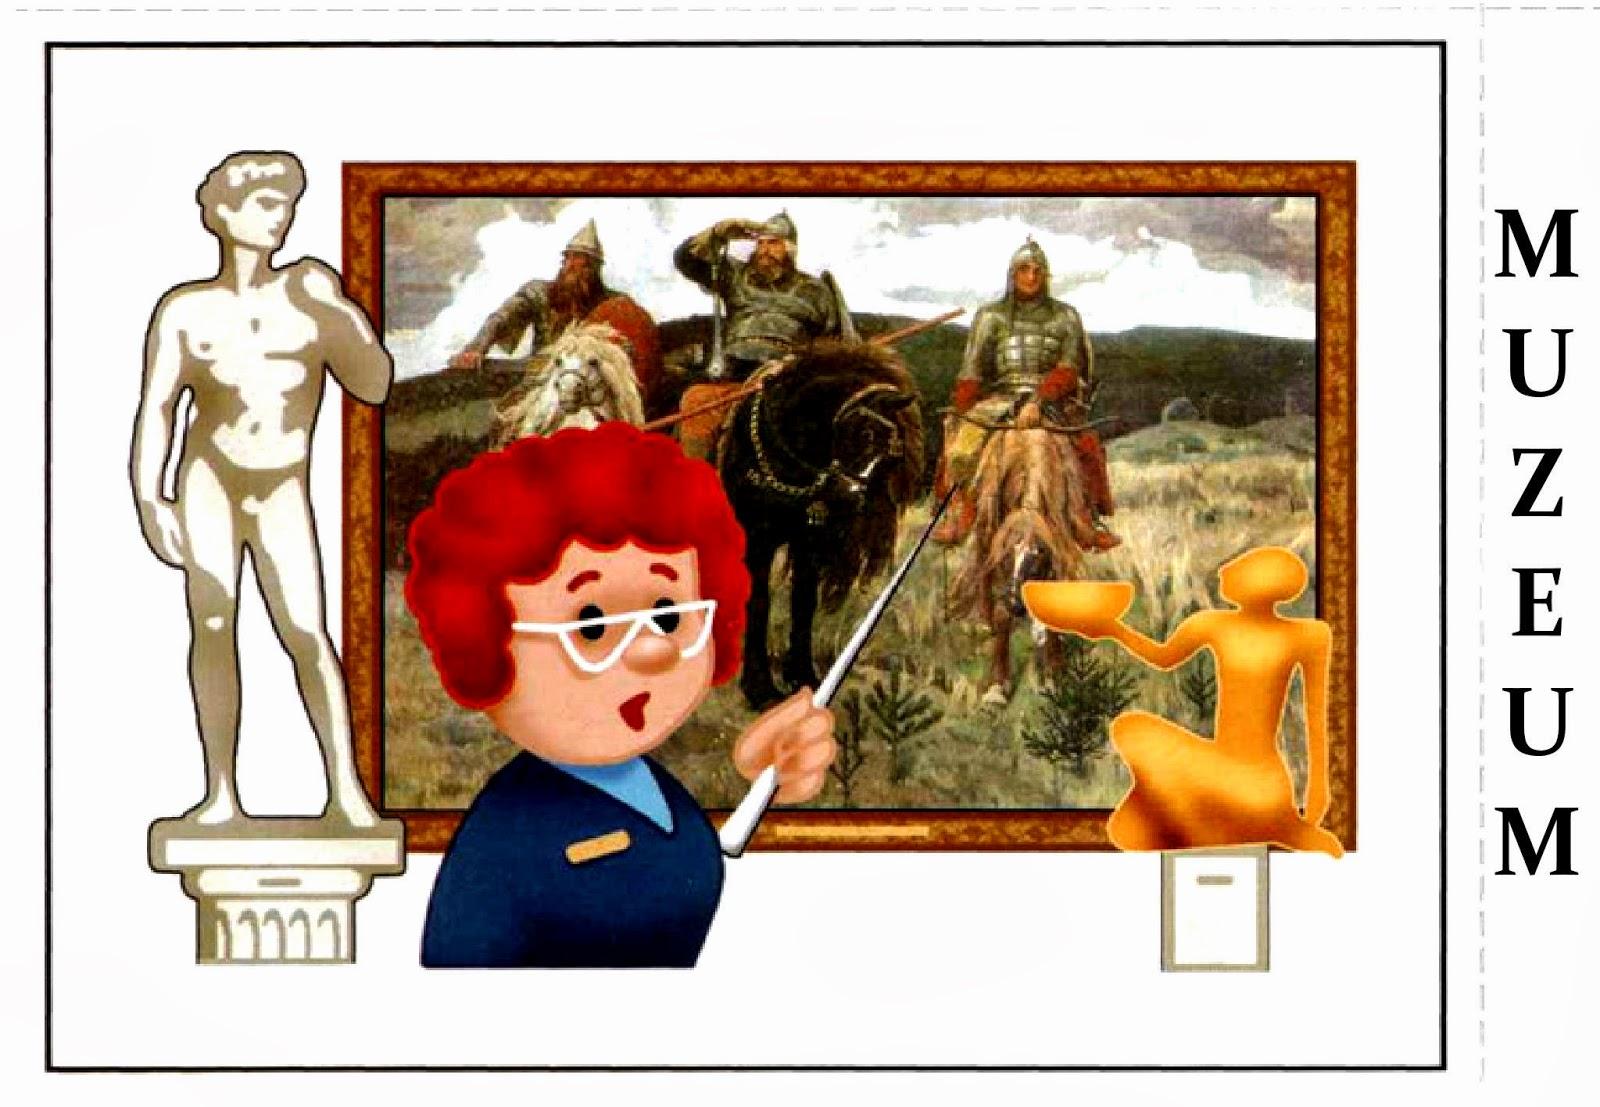 http://www.wroclaw.pl/te-wroclawskie-muzea-zwiedzisz-za-darmo-godziny-wystawy